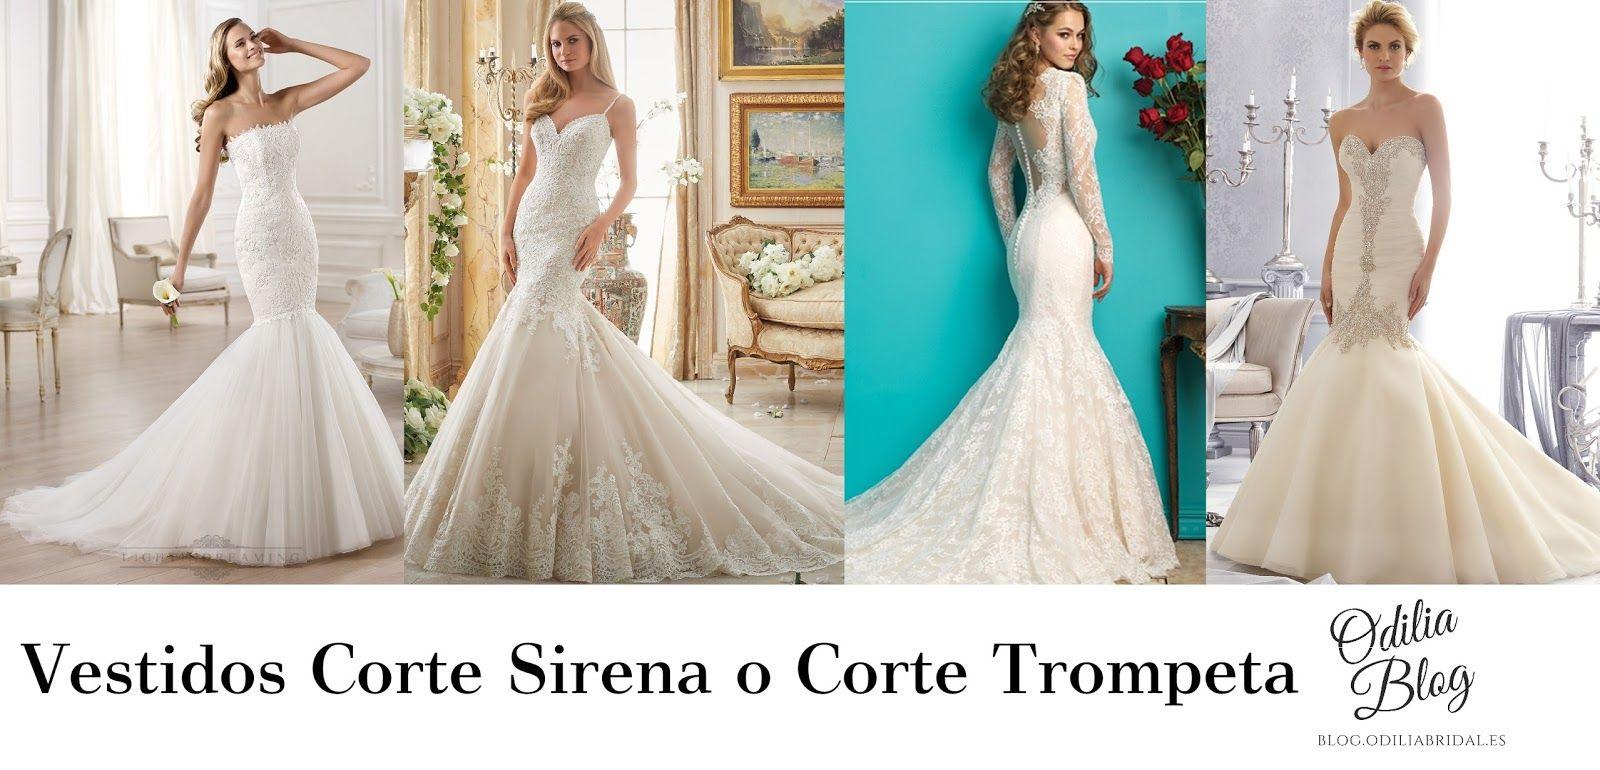 Todas sabemos que encortar el vestido de novia de tus sueños es una ...